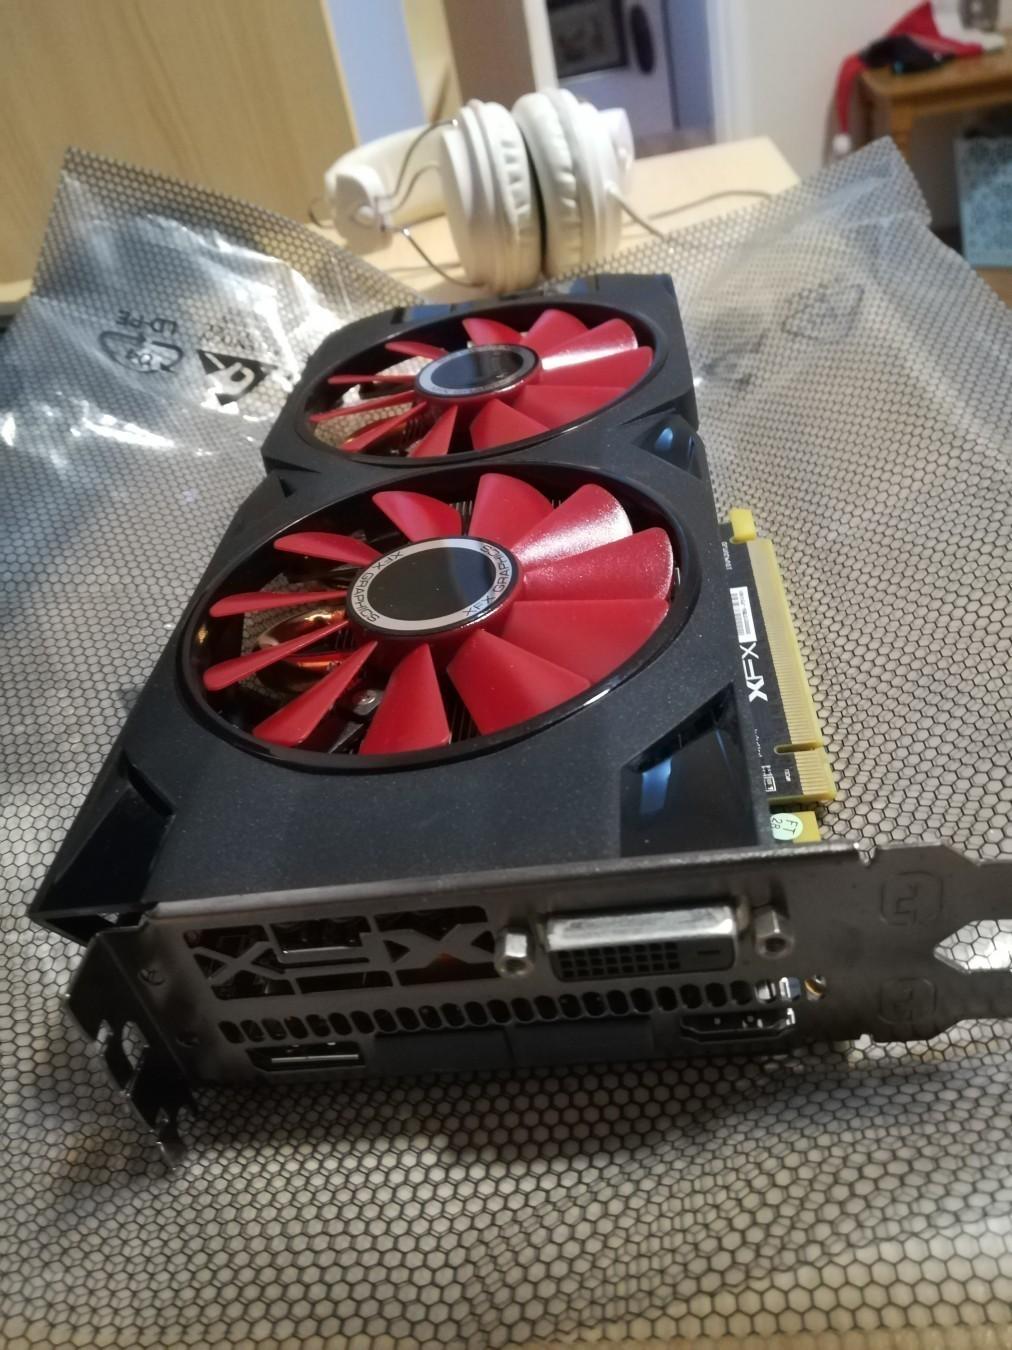 XFX RX 570 4gb ddr5,256bit - Kupindo.com (54811911)